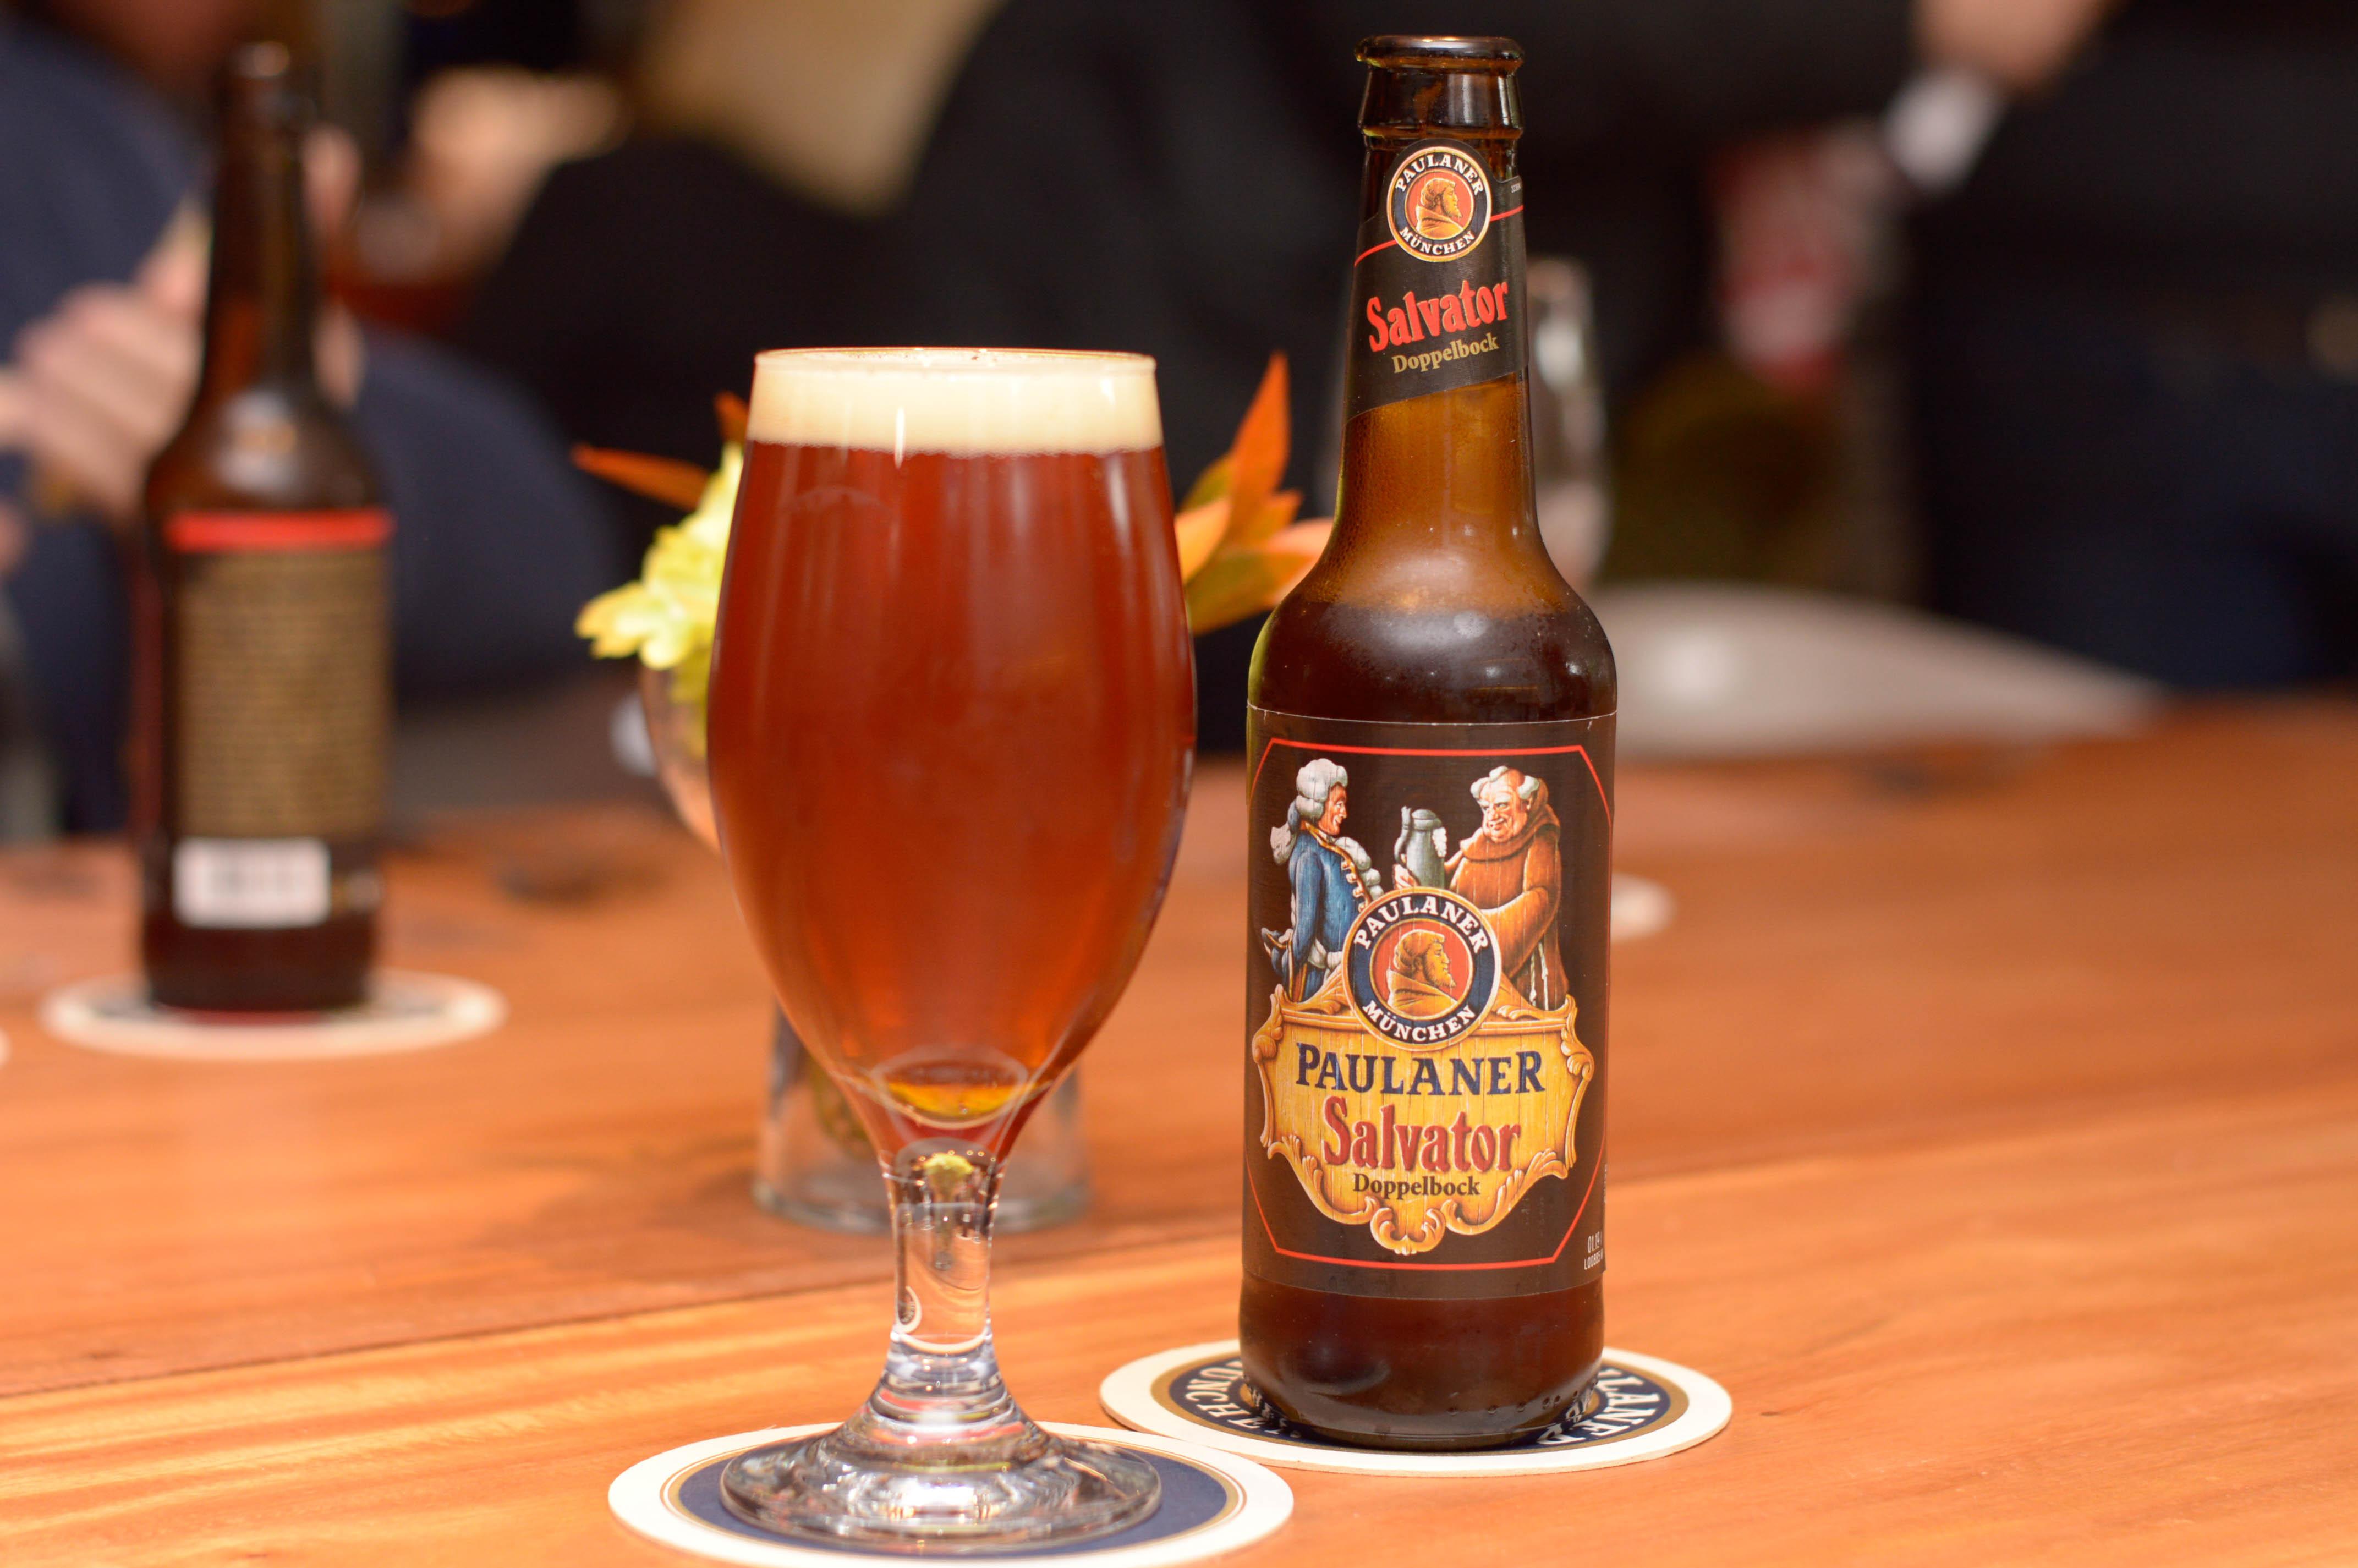 Salvator, la dobule bock de Paulaner, que busca conquistar el paladar de los paraguayos. A la tradicional calidad cervecera alemana se suma un sabor diferente y un tenor alcohólico que piden un maridaje.